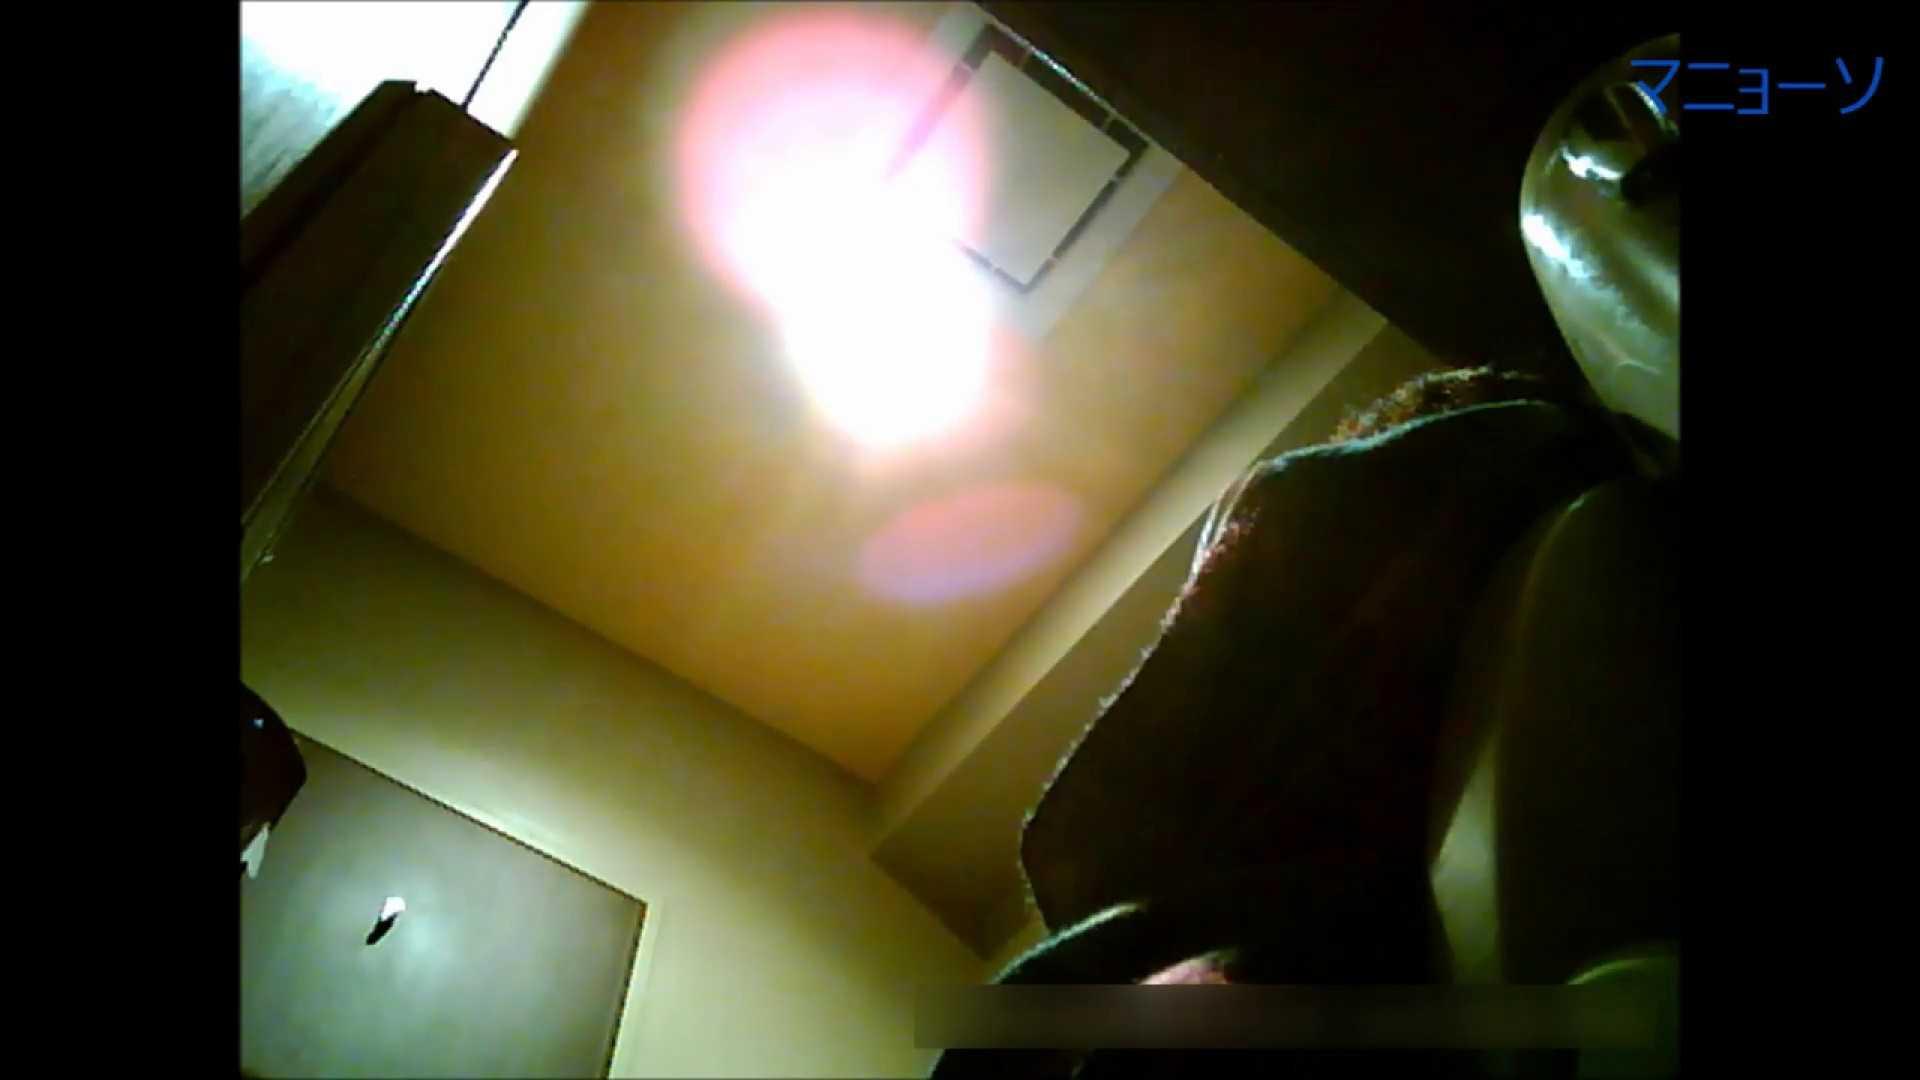 トイレでひと肌脱いでもらいました (JD編)Vol.02 トイレ中の女子達  106連発 68